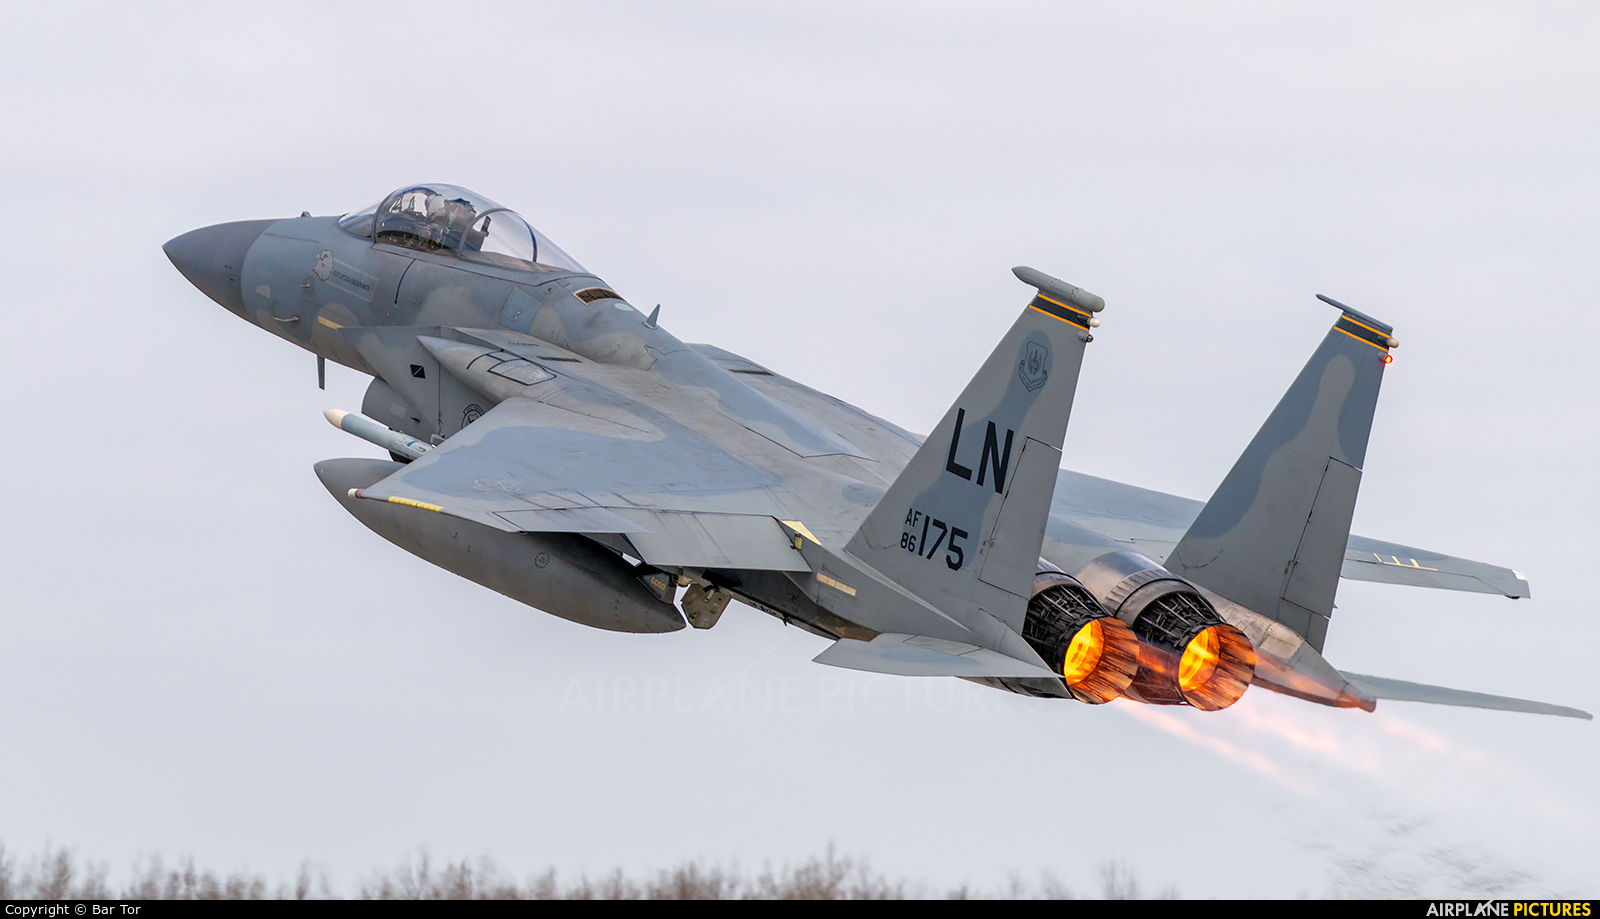 USA - Air Force 86-0175 aircraft at Poznań - Krzesiny